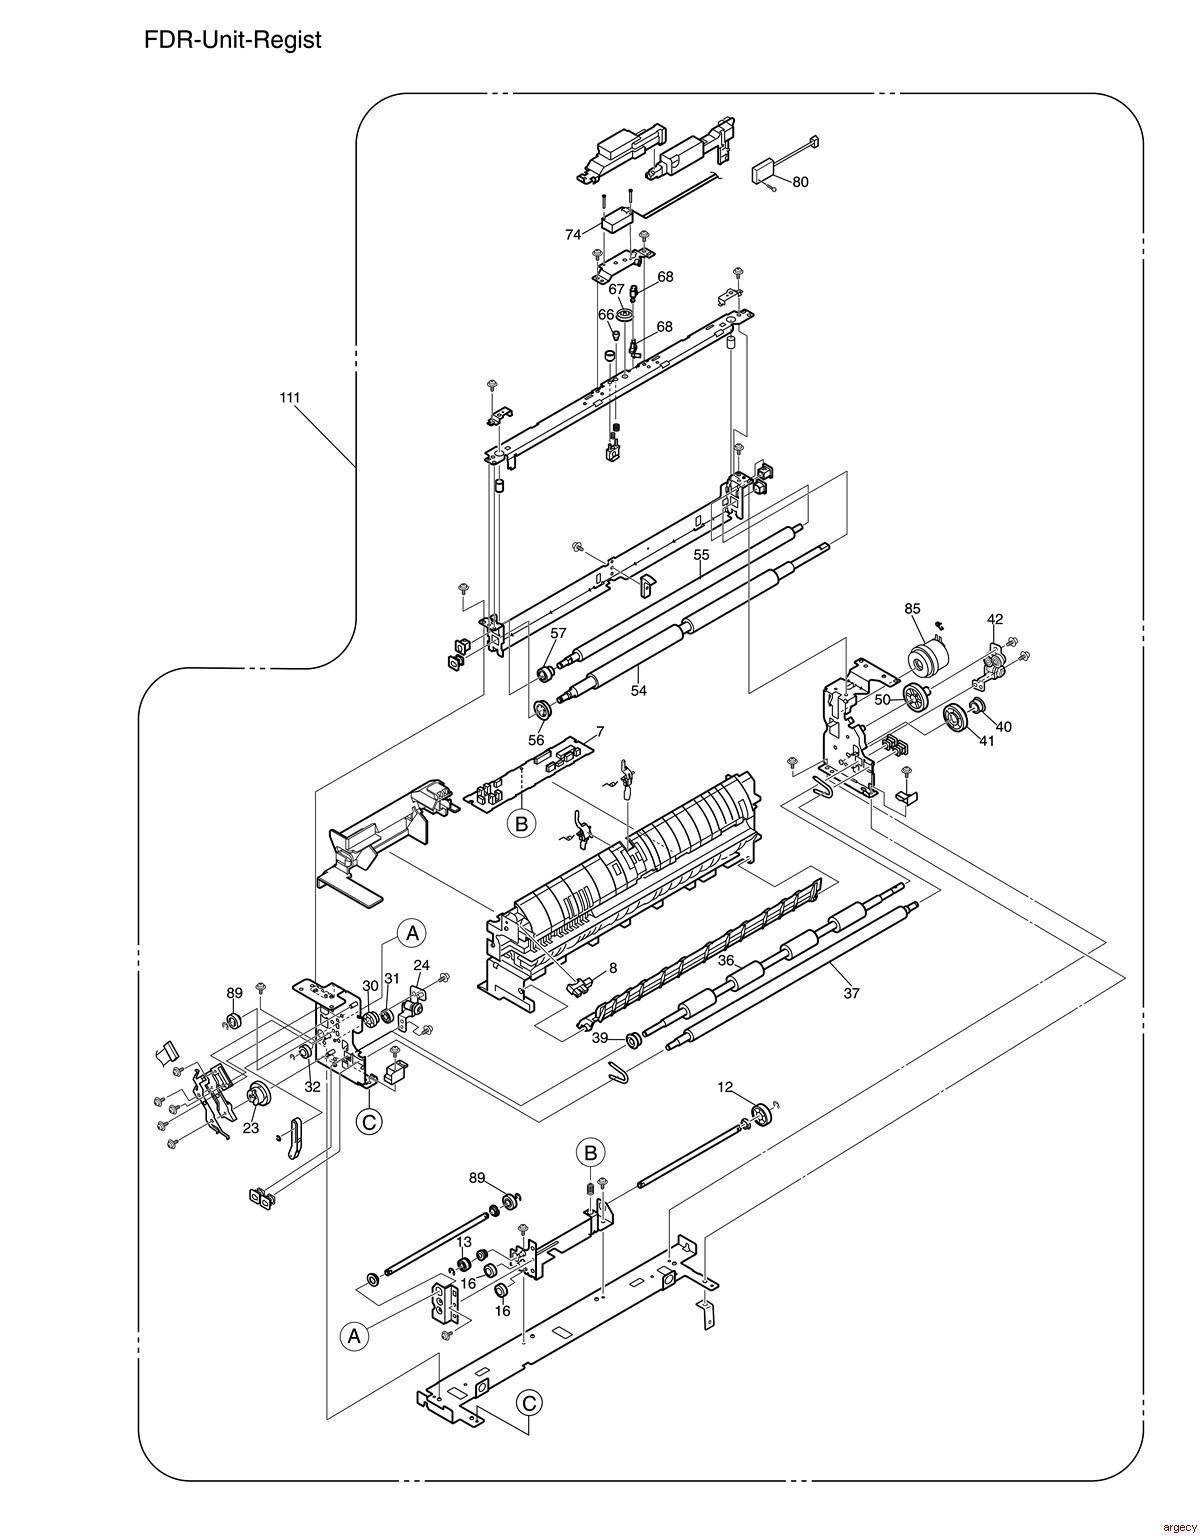 https://www.argecy.com/images/C9600_C9800_parts--20_cr.jpg